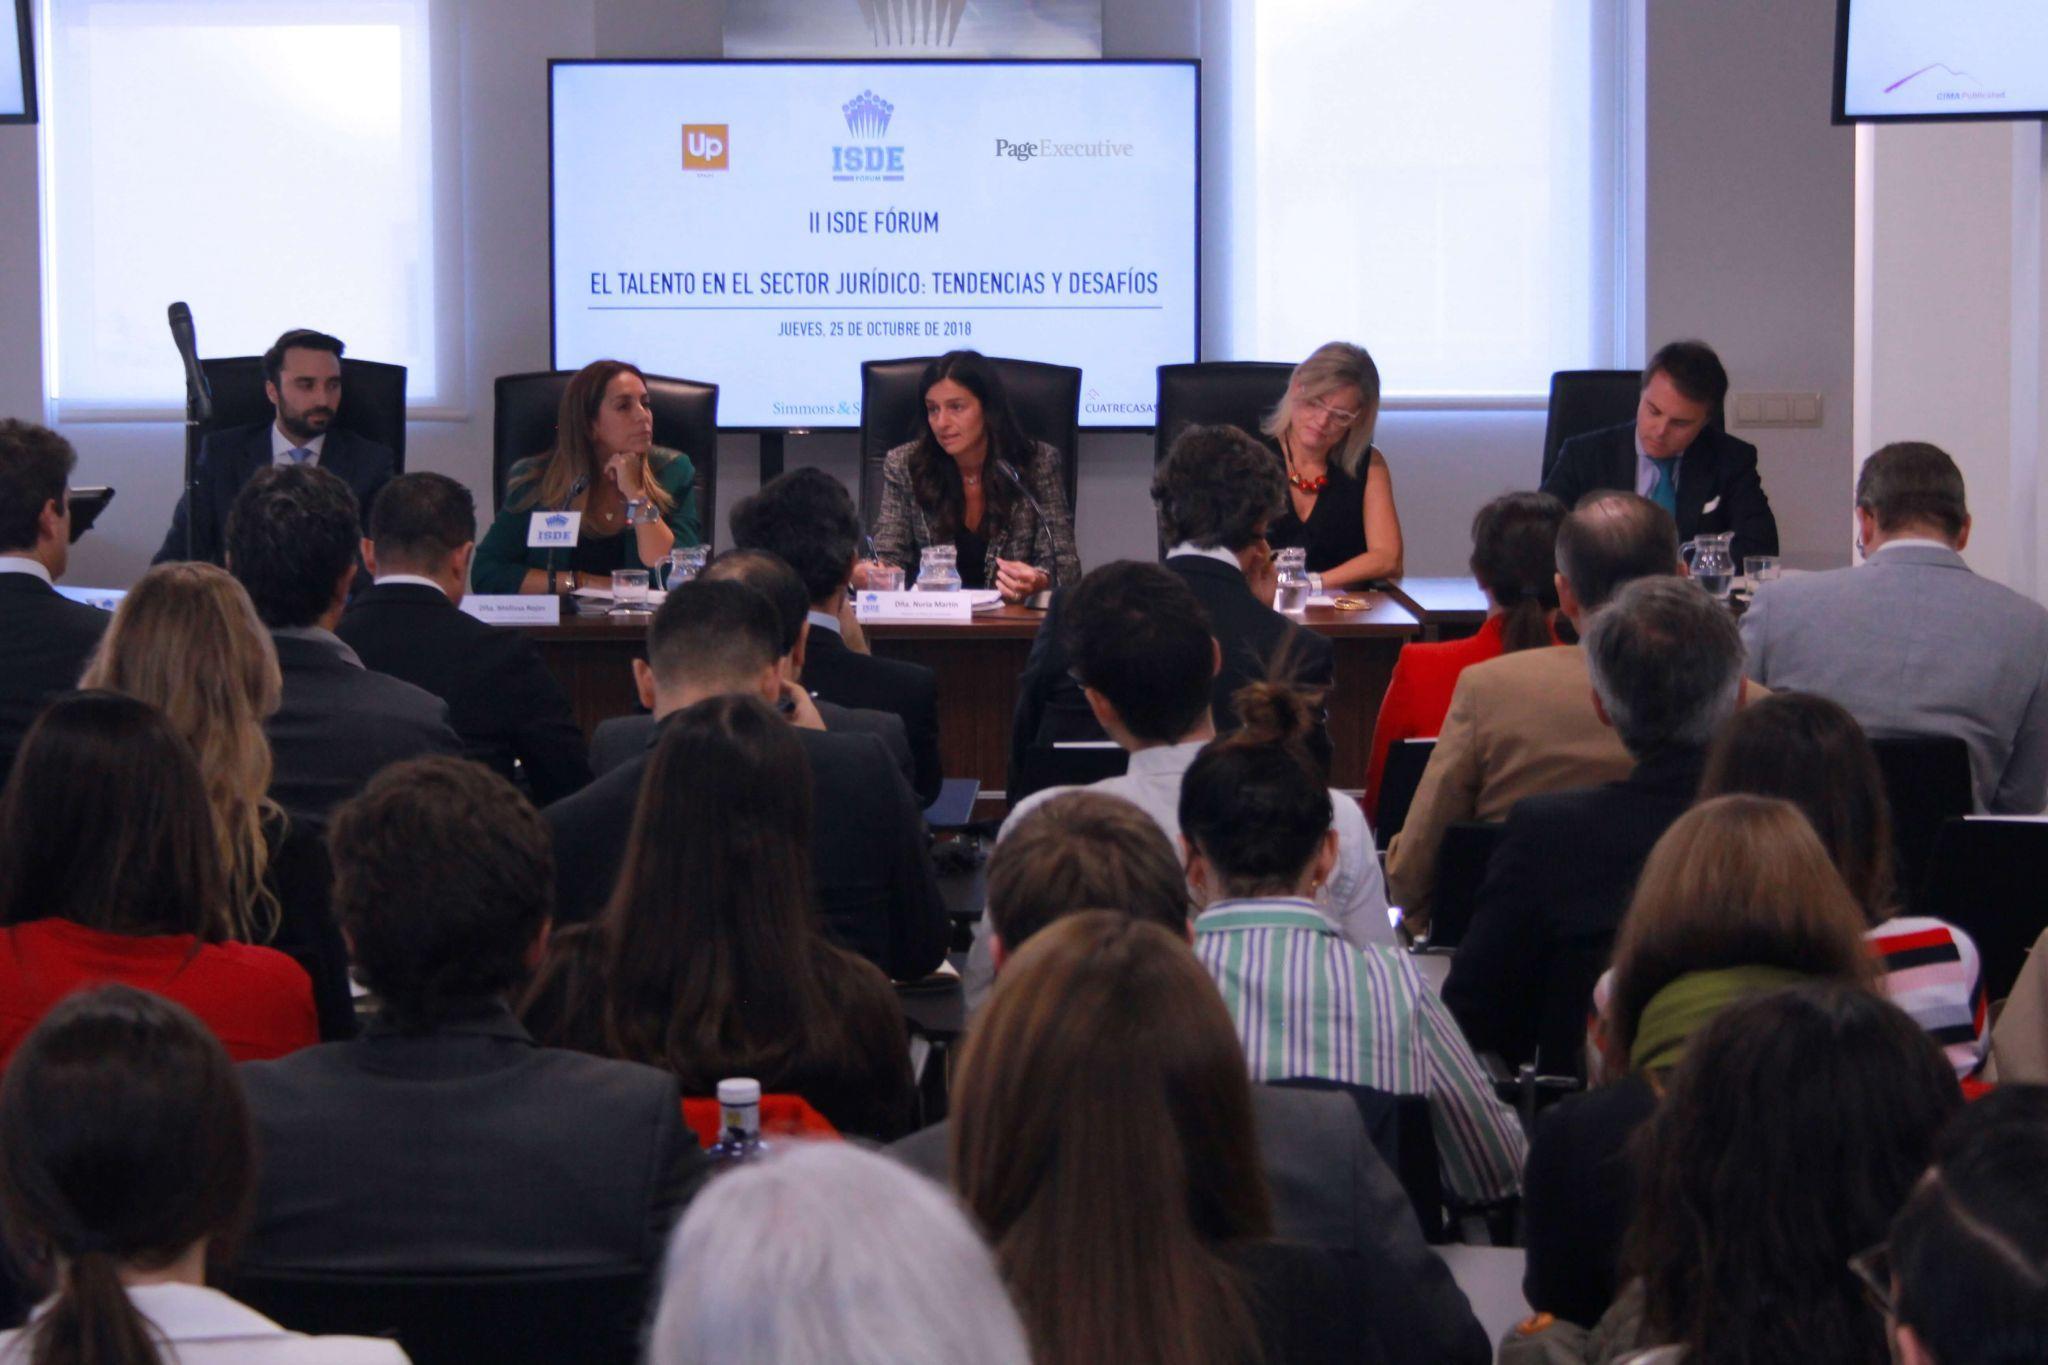 ii isde forum   el talento en el sector juridico